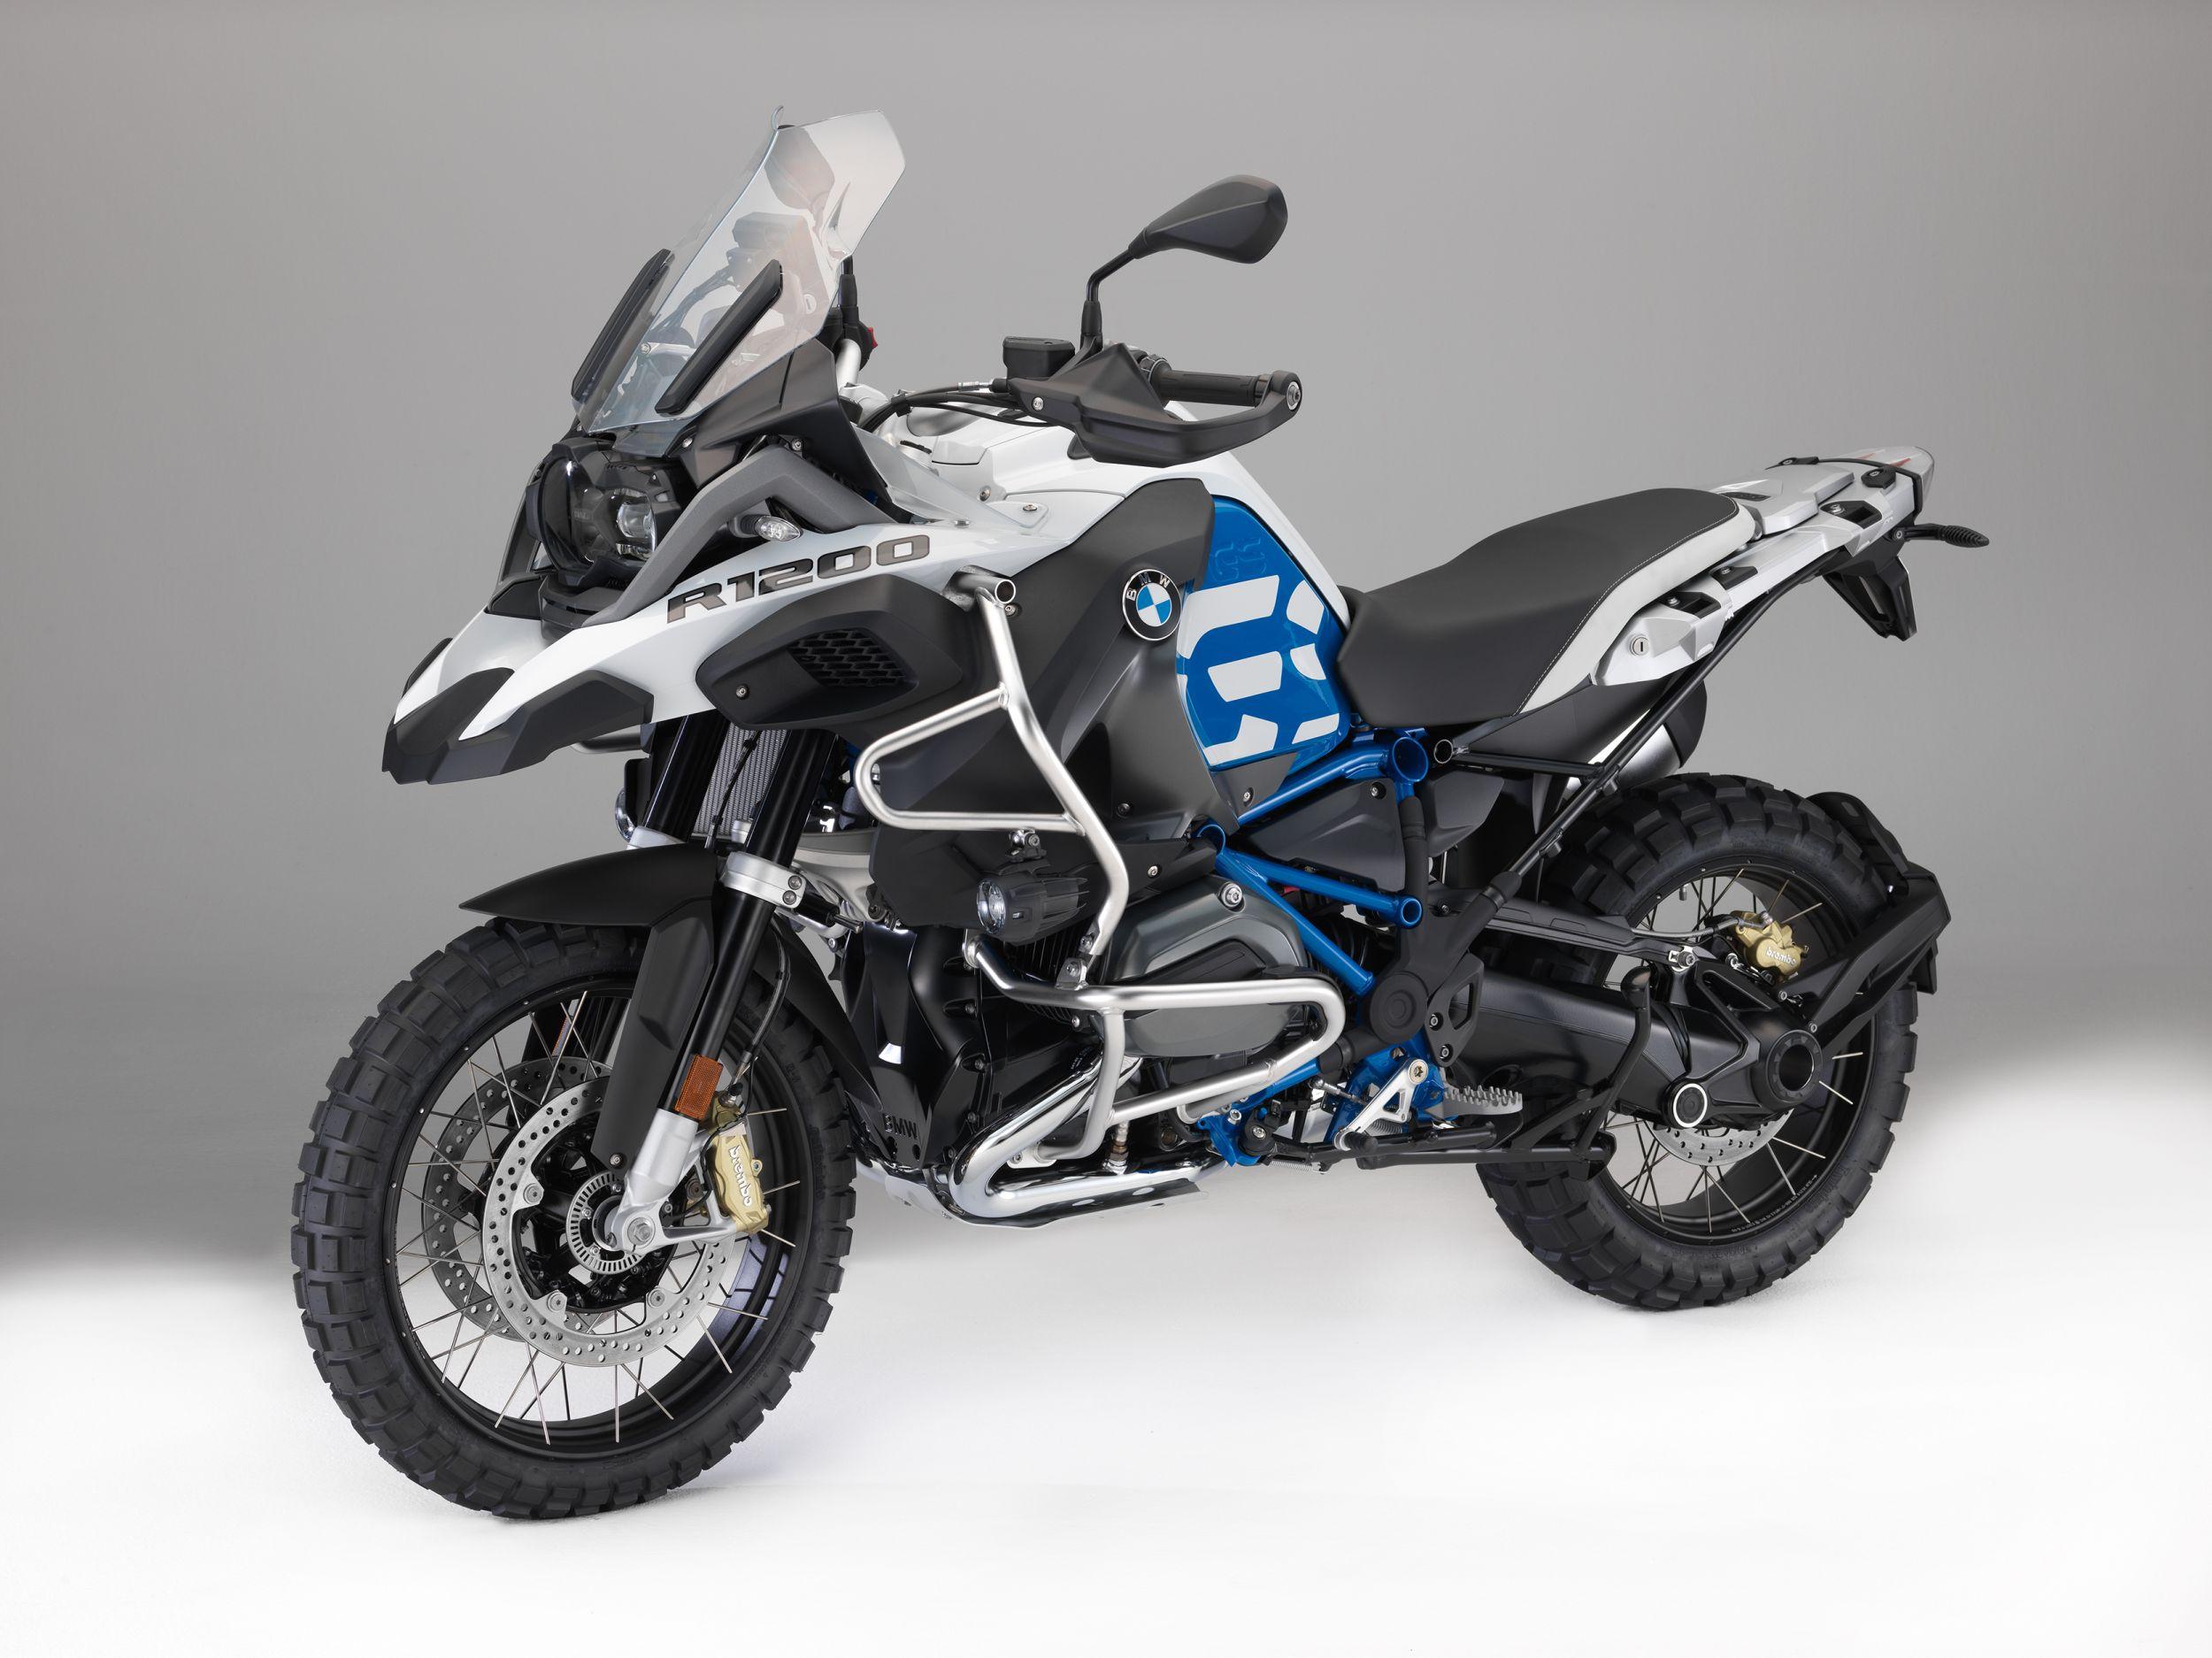 Bmw R 1200 Gs Adventure Test Gebrauchte Bilder Technische Daten